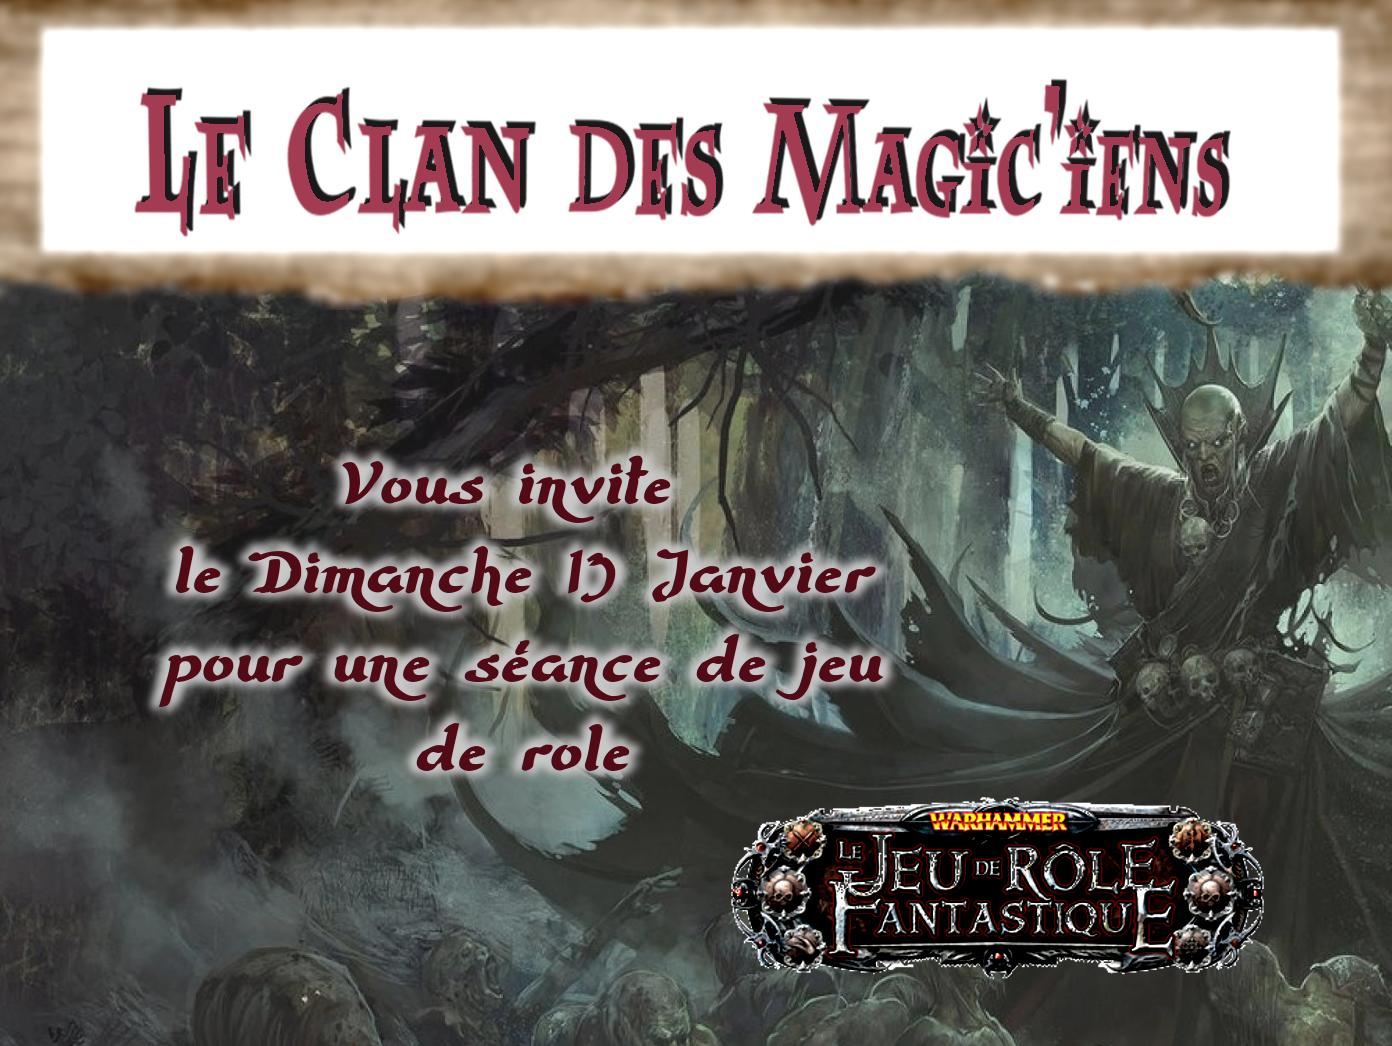 Dimanche 13 Janvier : Jeu de rôle (Warhammer) à partir de 14h OxovG